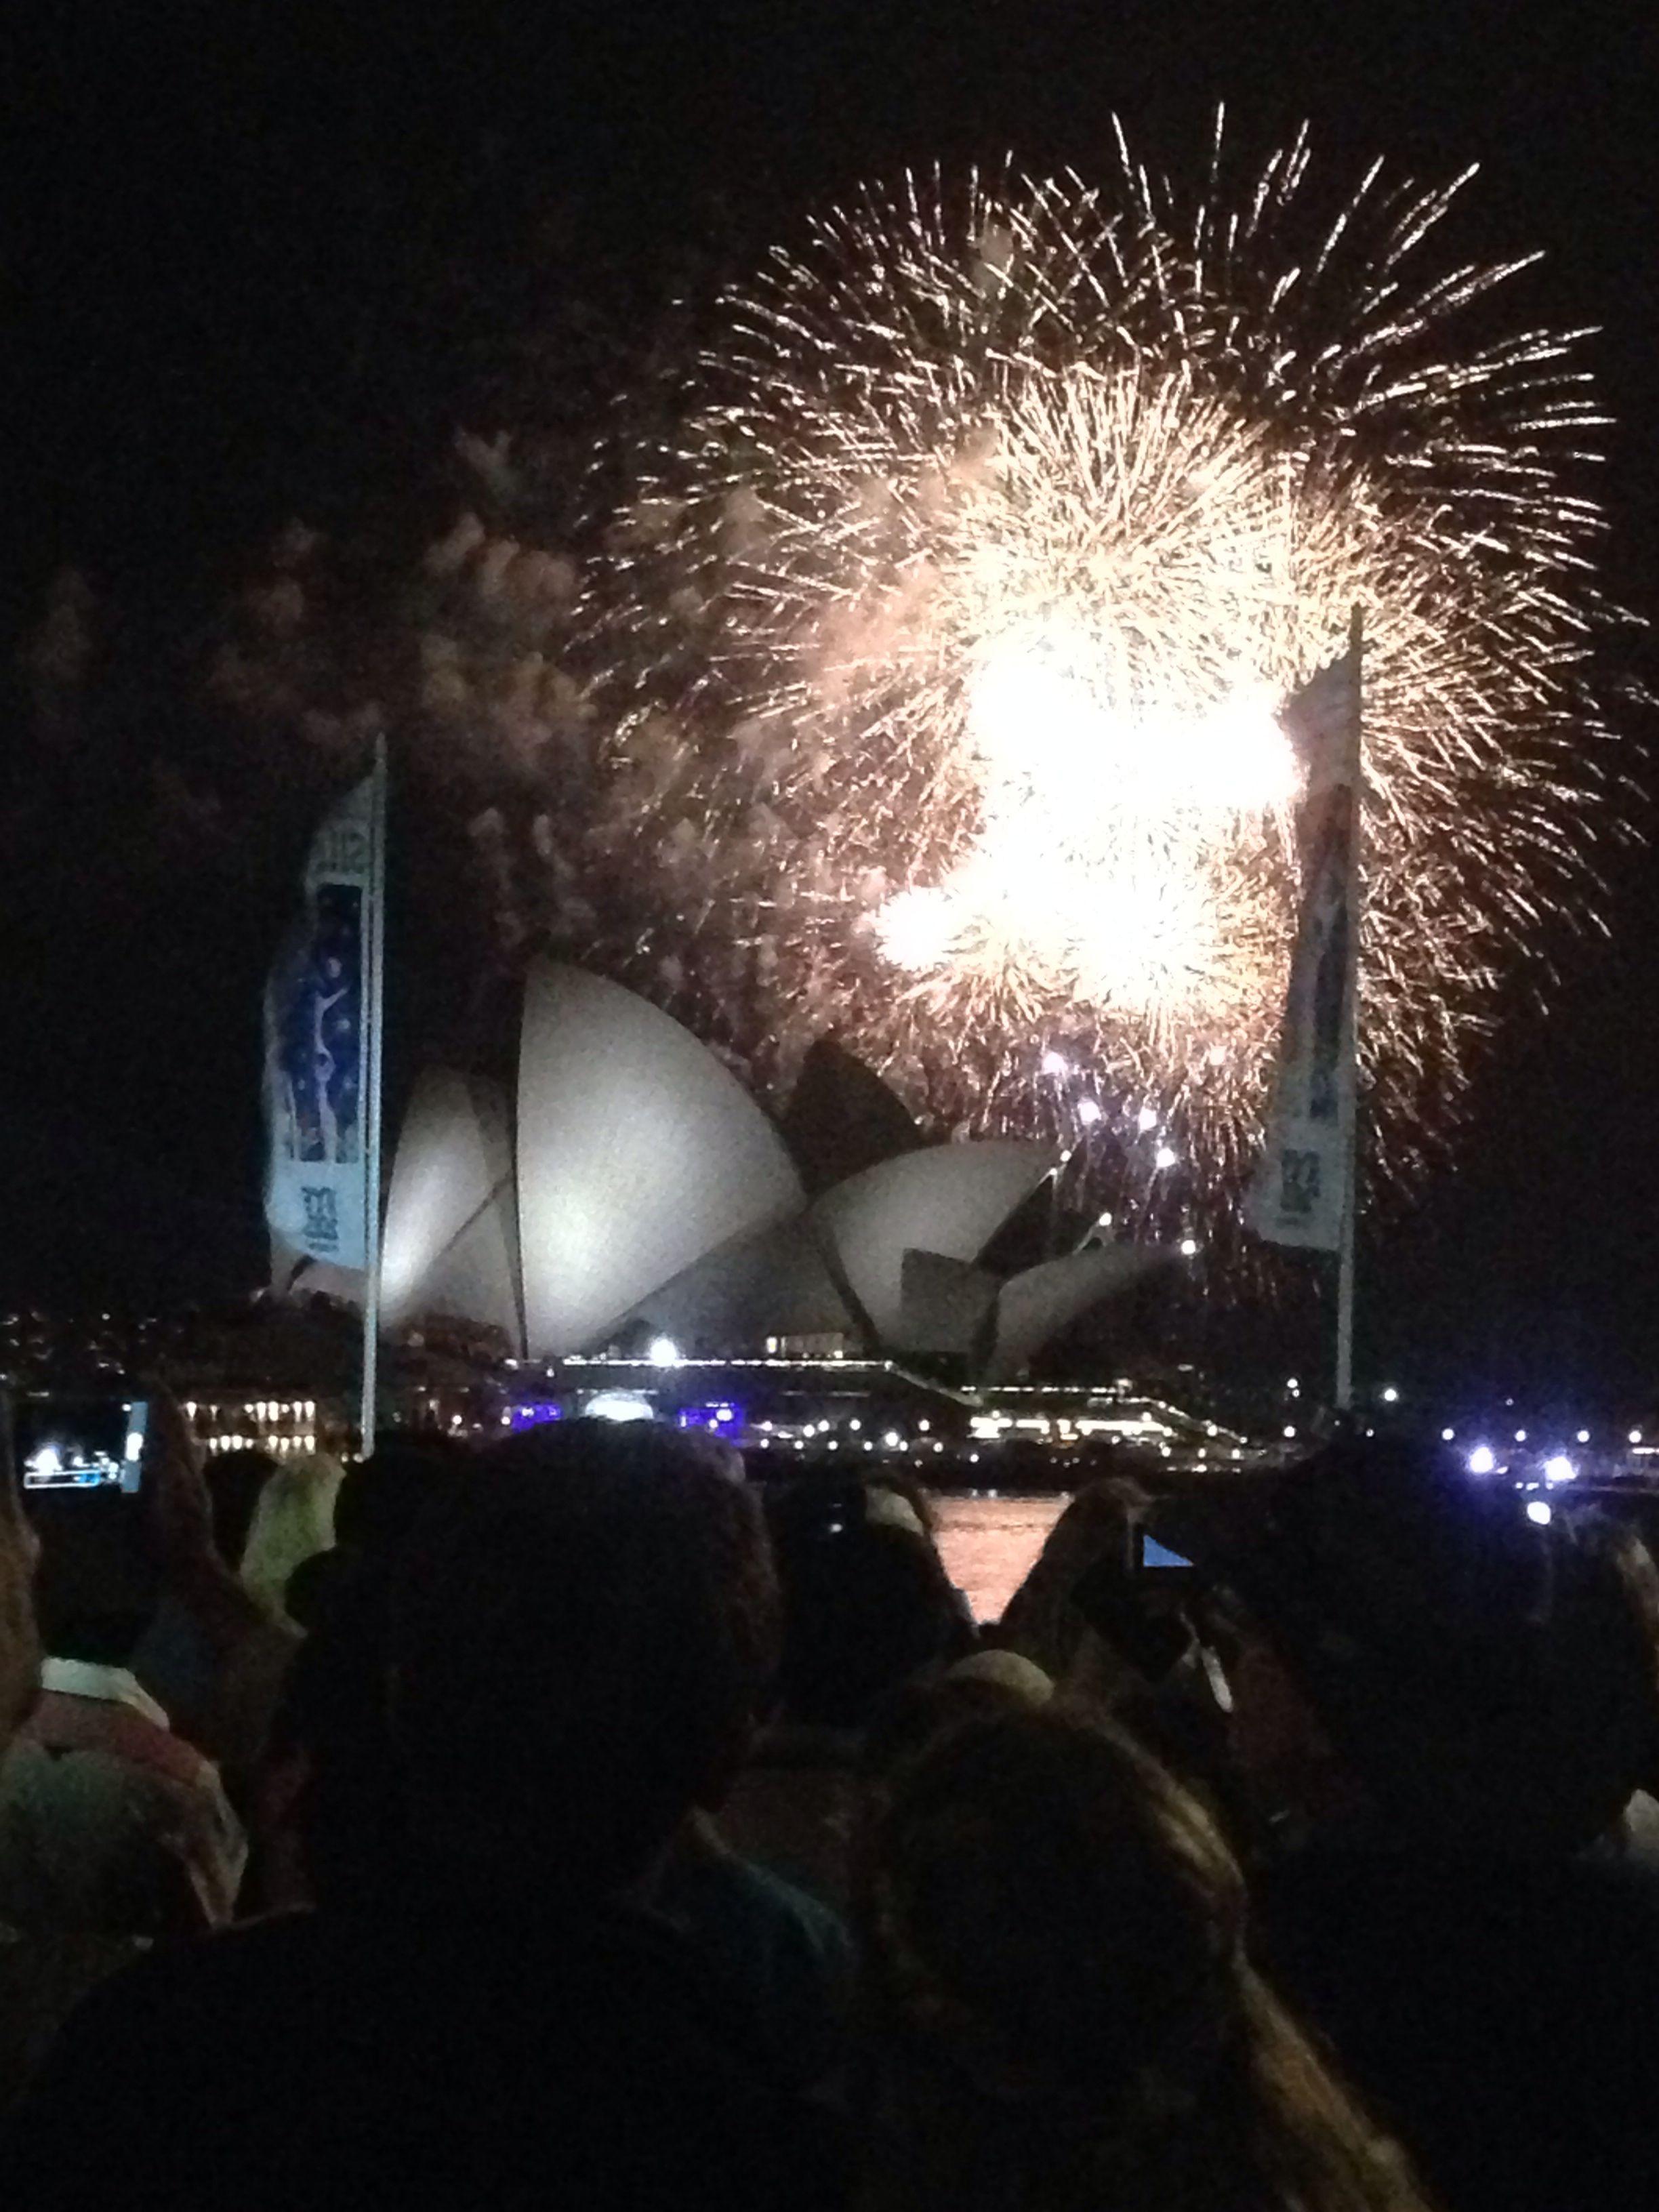 NYE in Sydney.